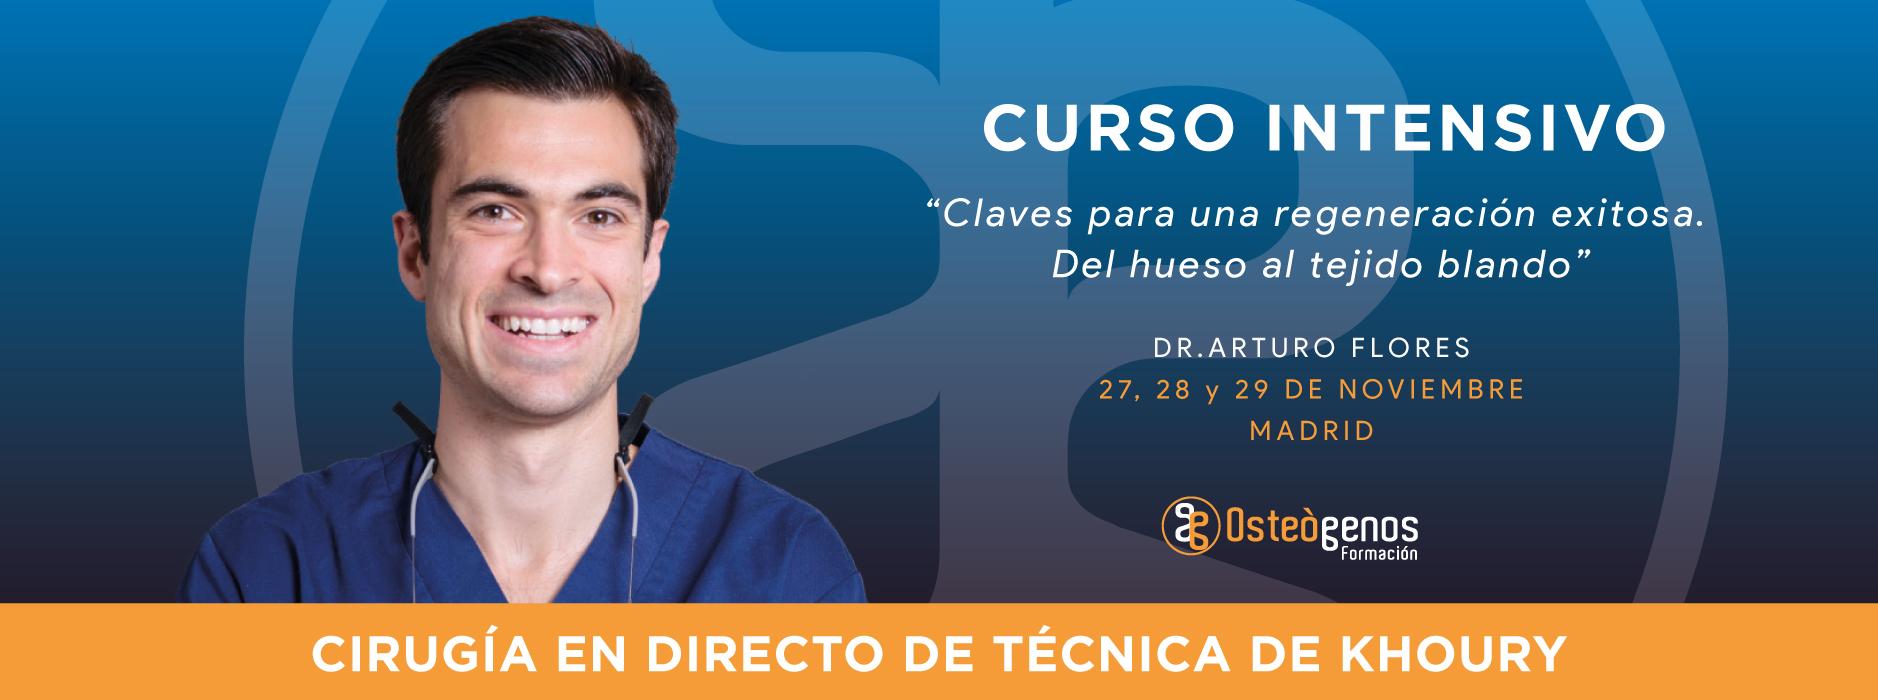 Curso intensivo con el Dr. Arturo Flores